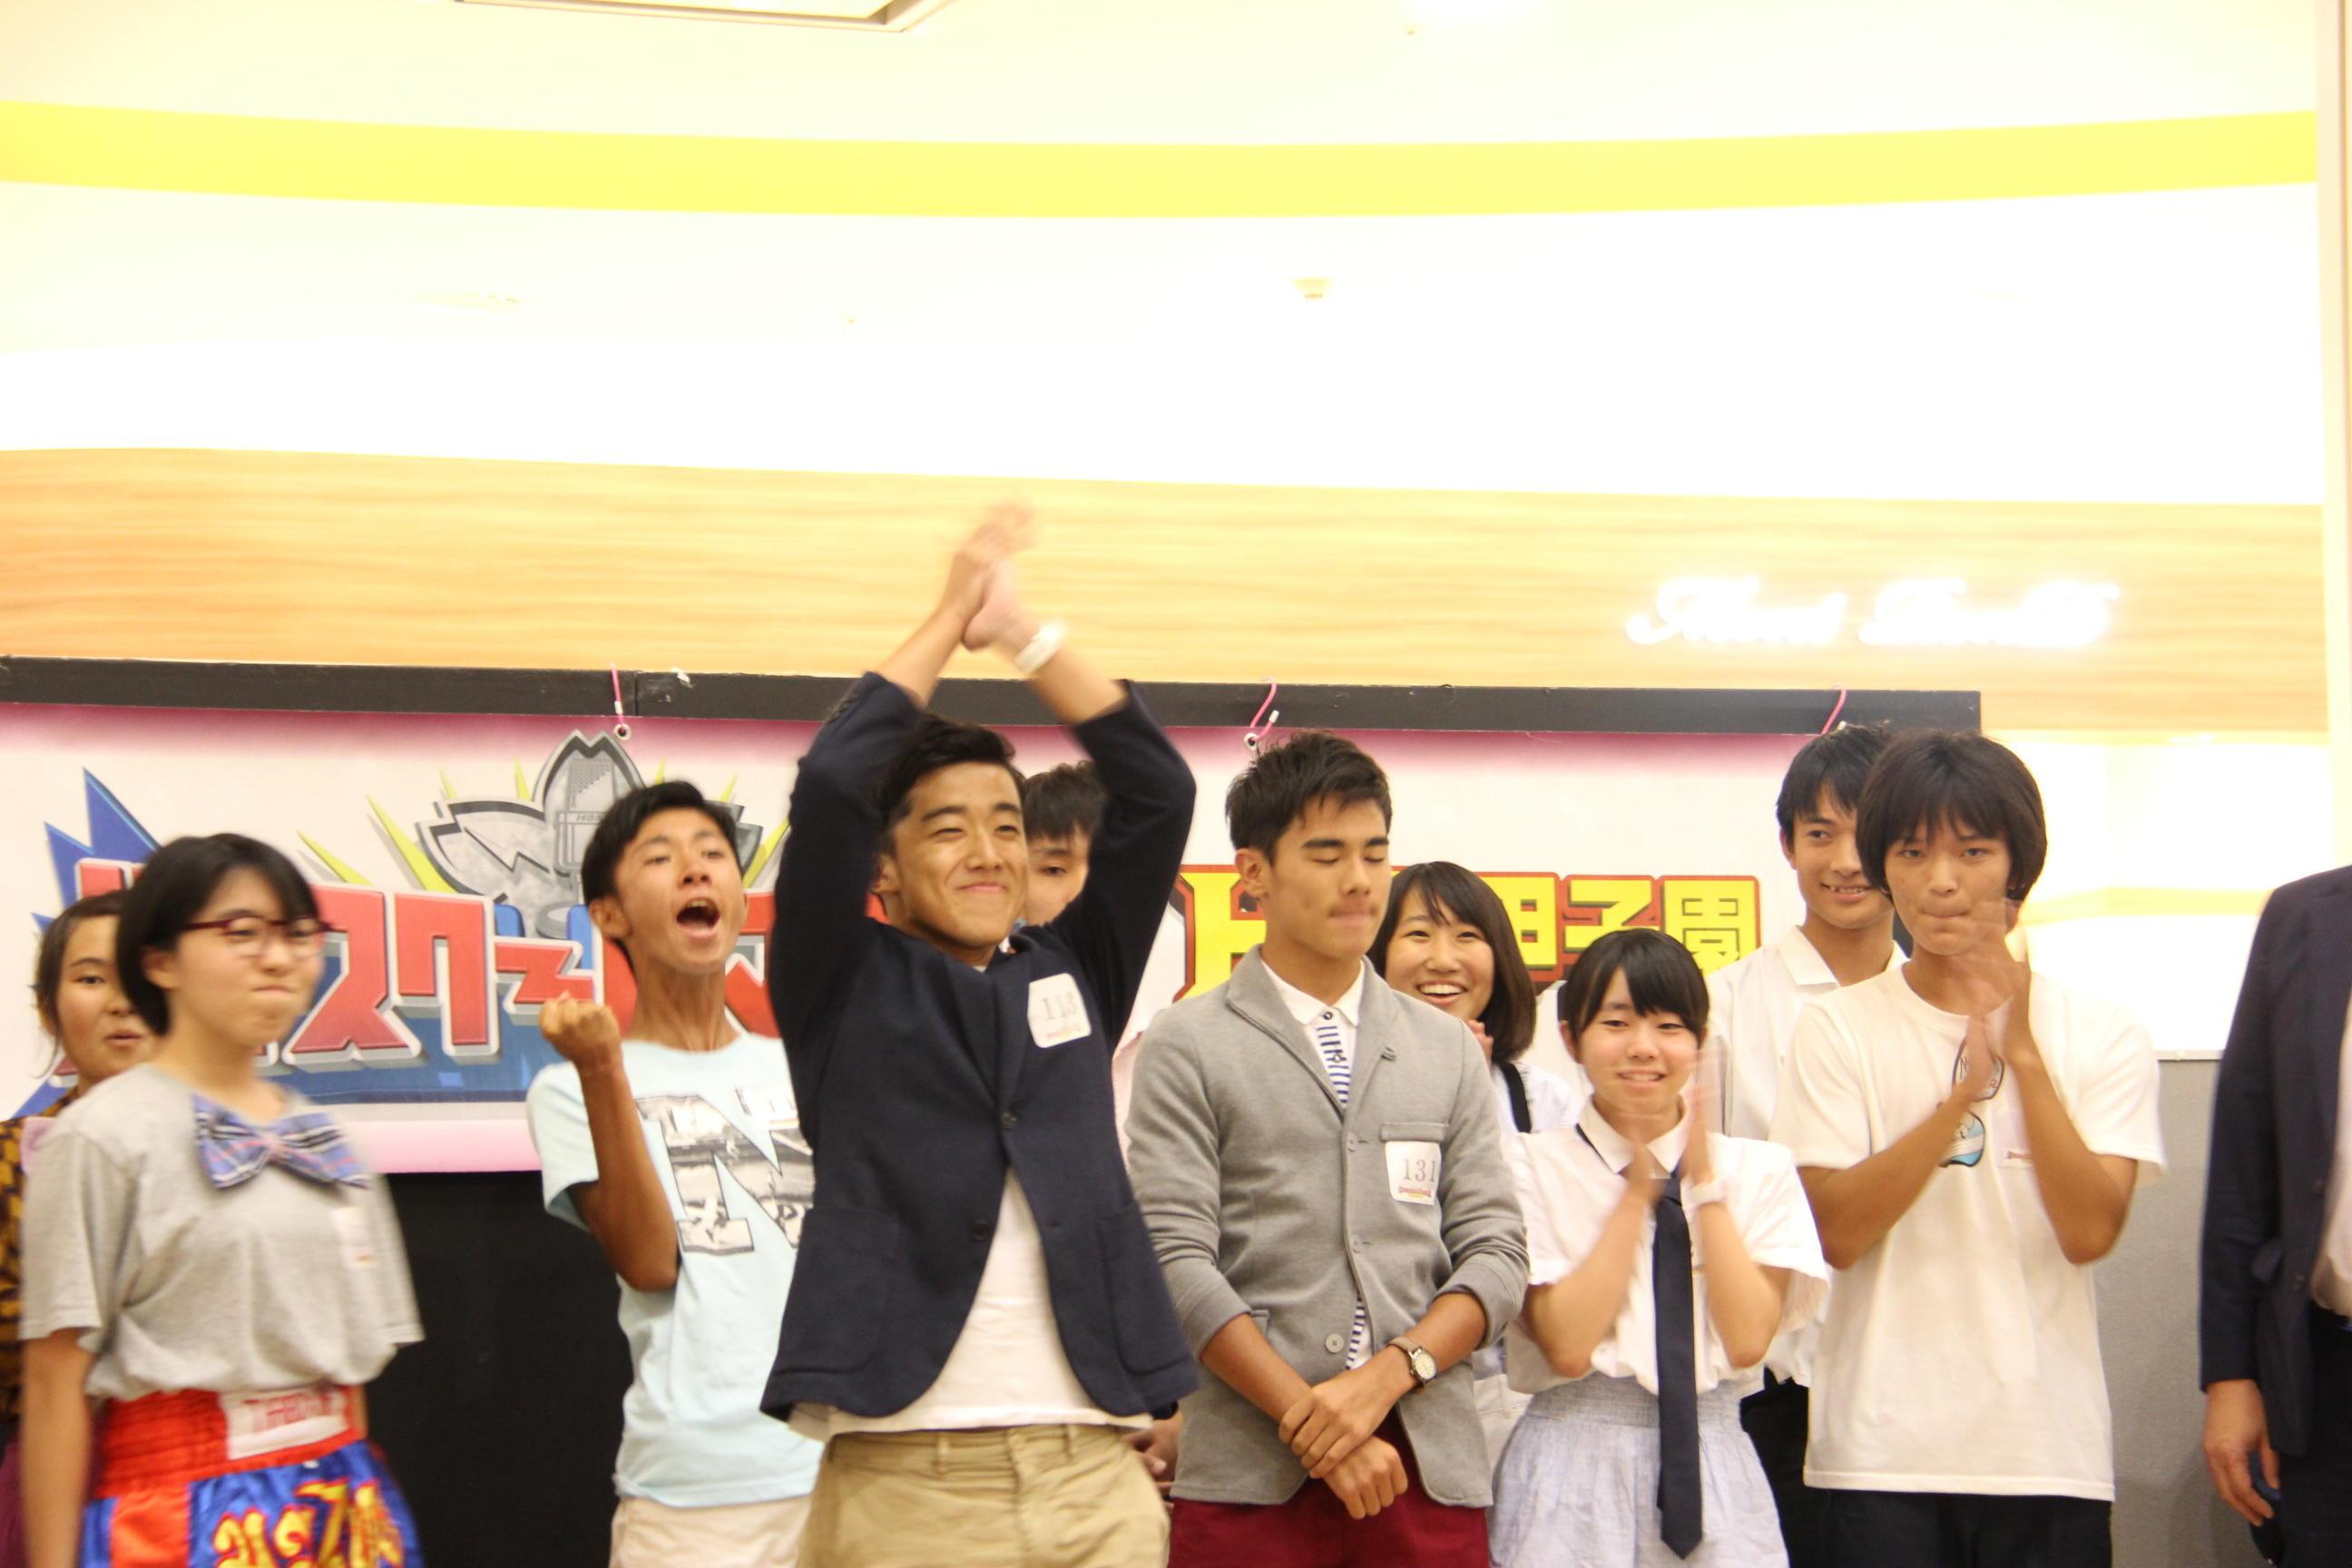 http://news.yoshimoto.co.jp/20180813131758-8d57f8b7d812f445e30352c8d878bf5b102917a9.jpg